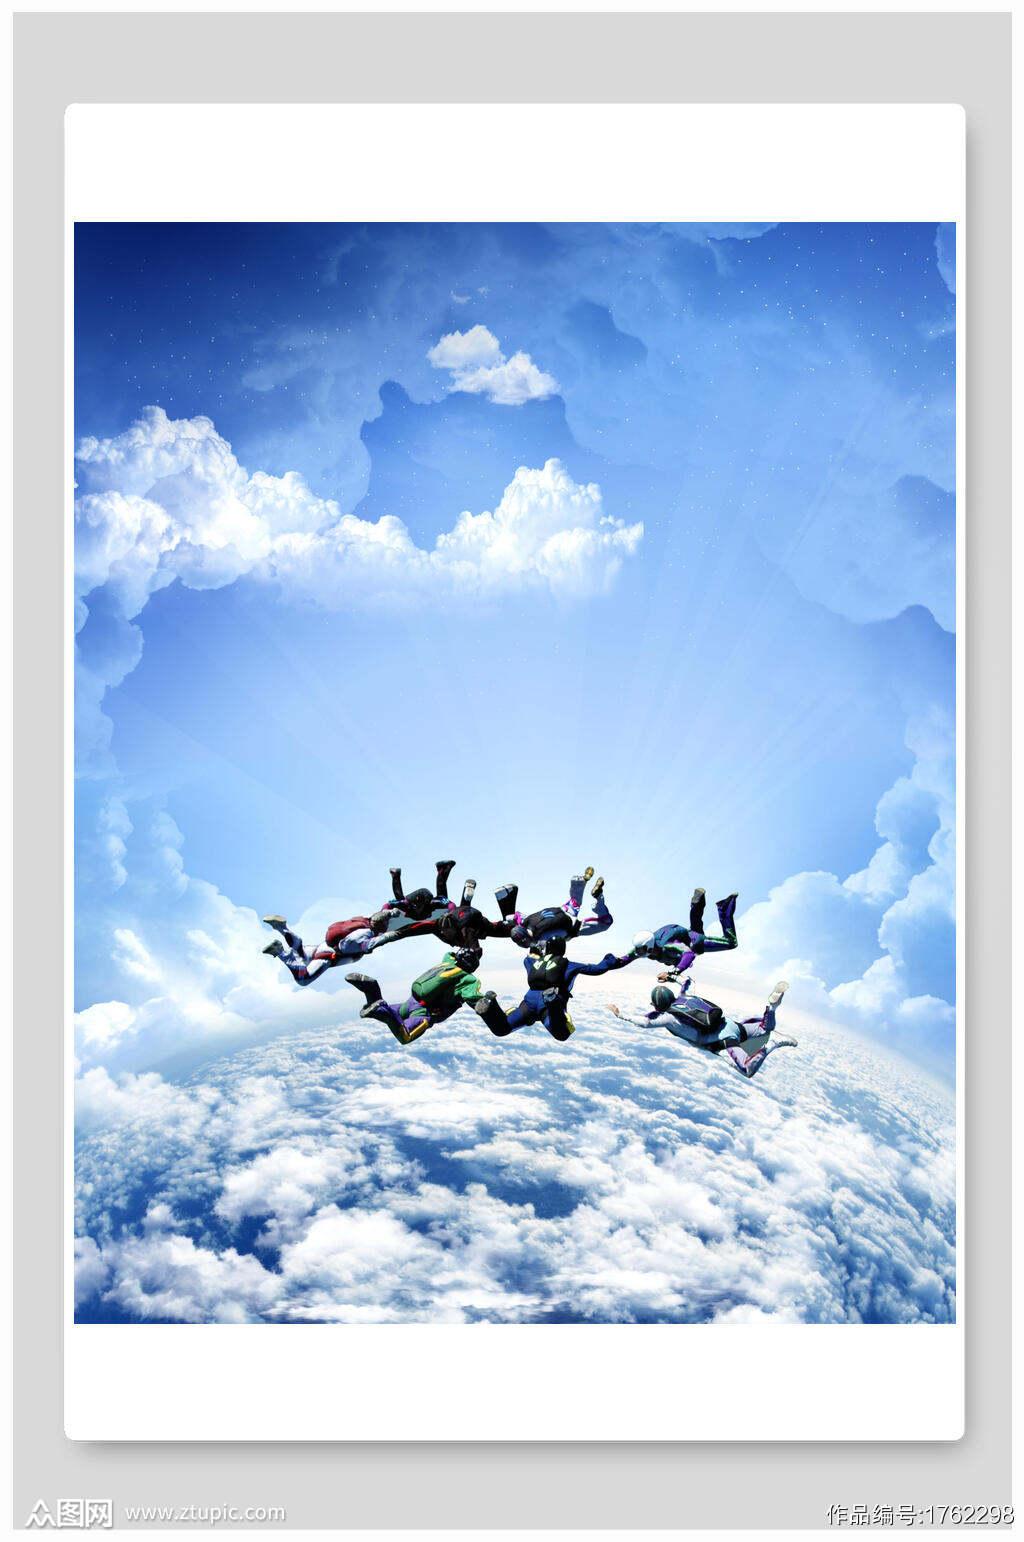 高空跳伞蓝天草地背景素材